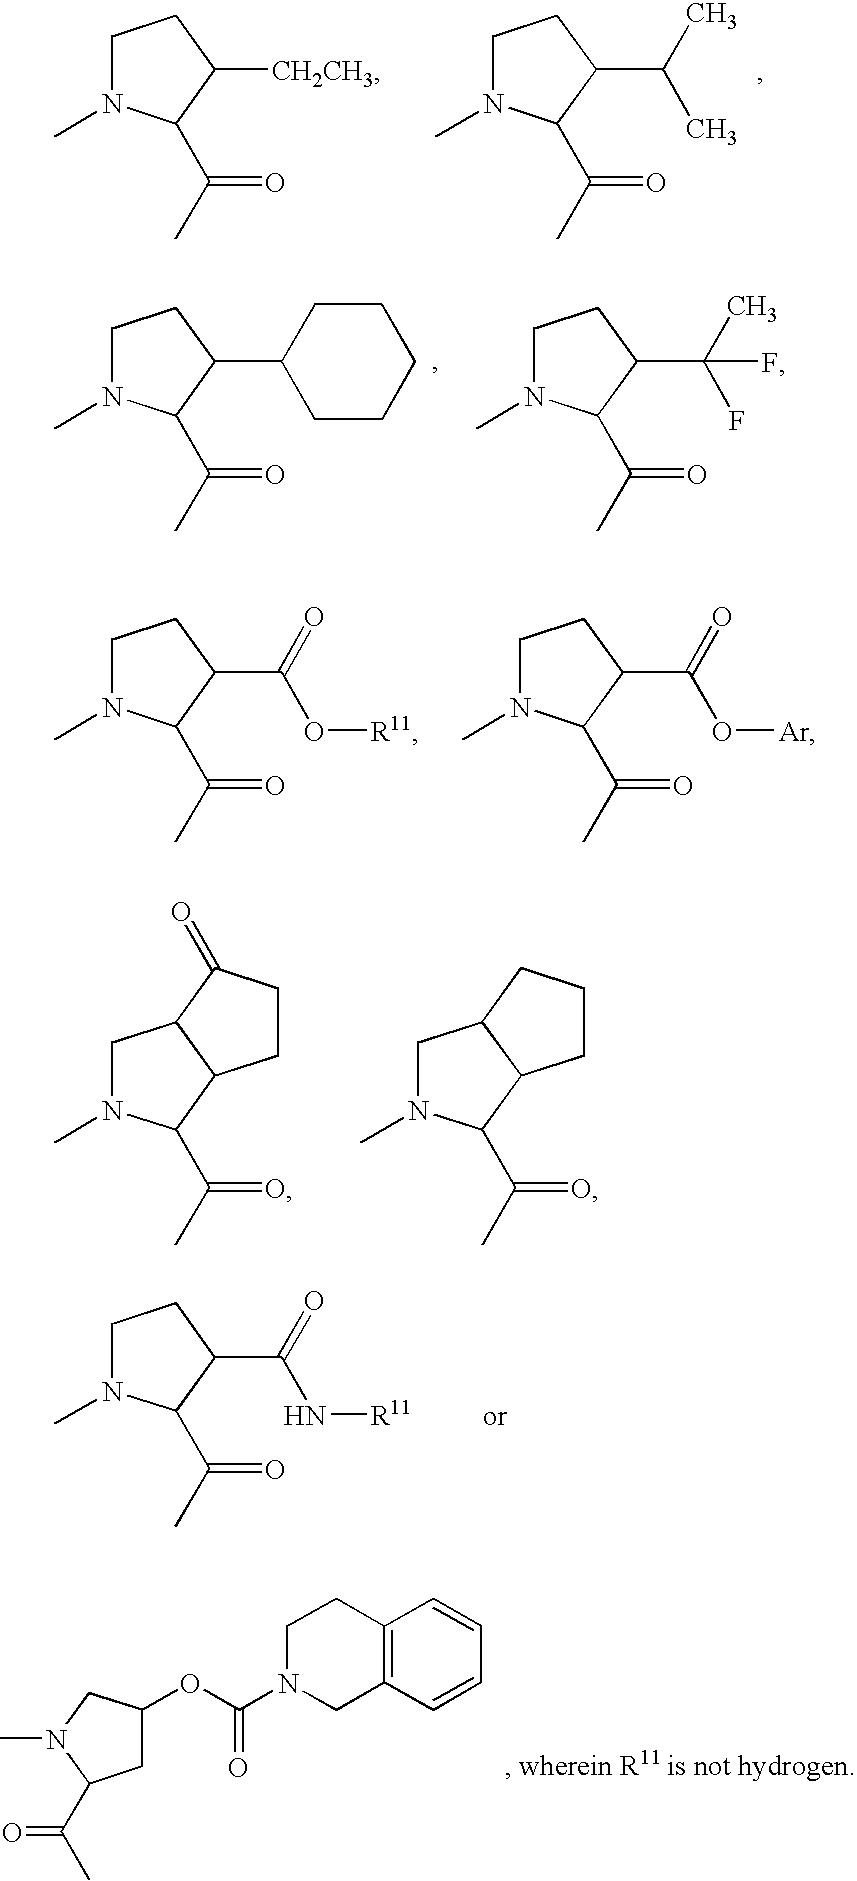 Figure US20030236242A1-20031225-C00027